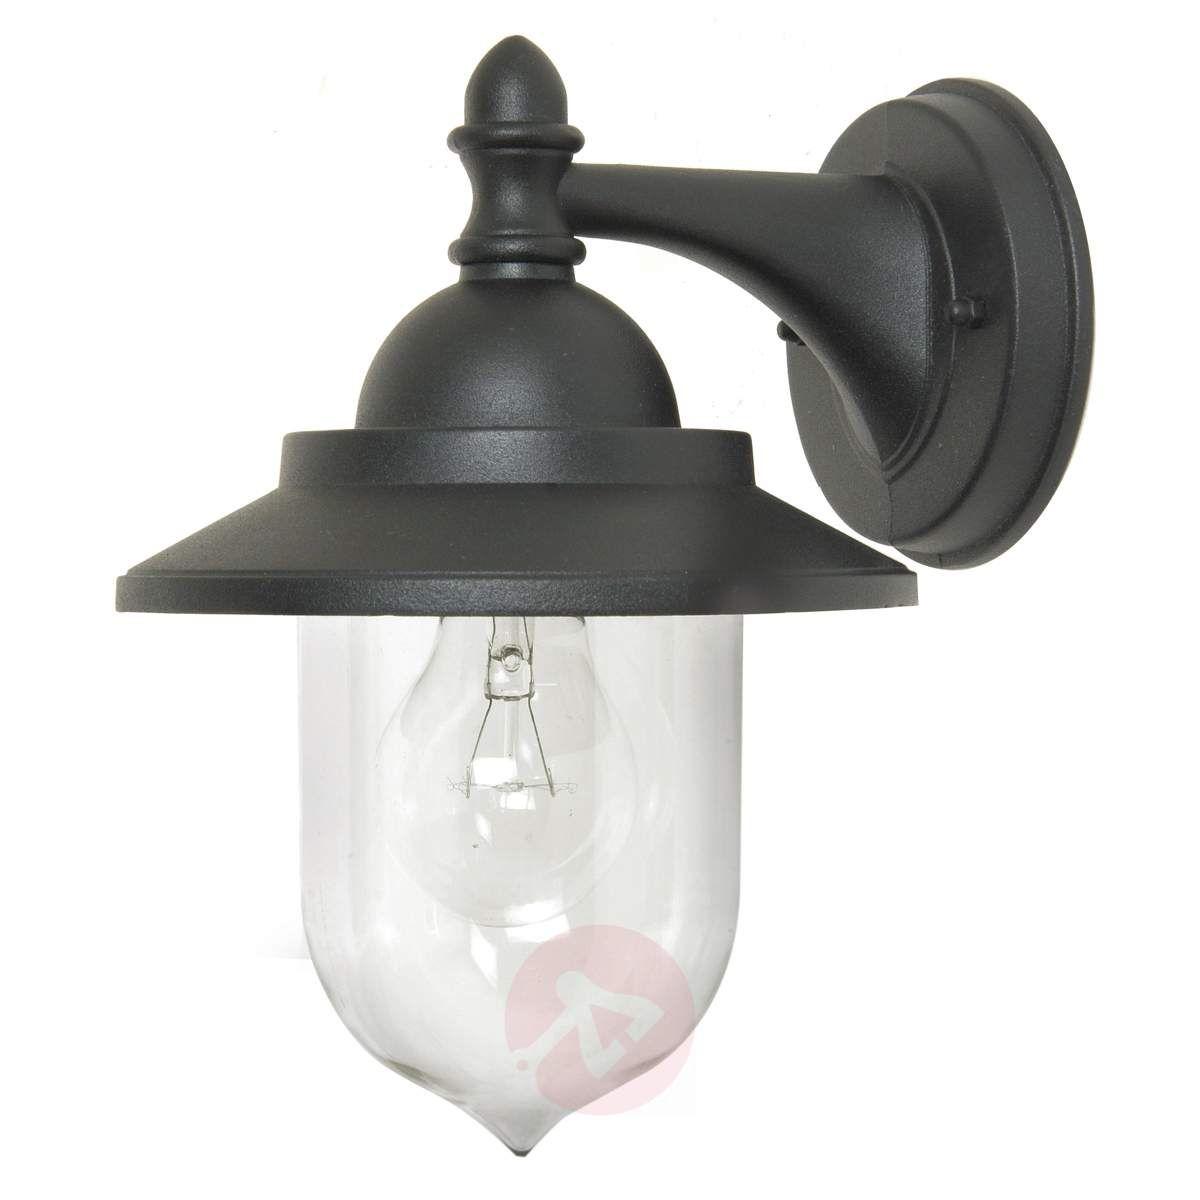 Sandown Uniwersalna Zewnętrzna Lampa ścienna Lampy